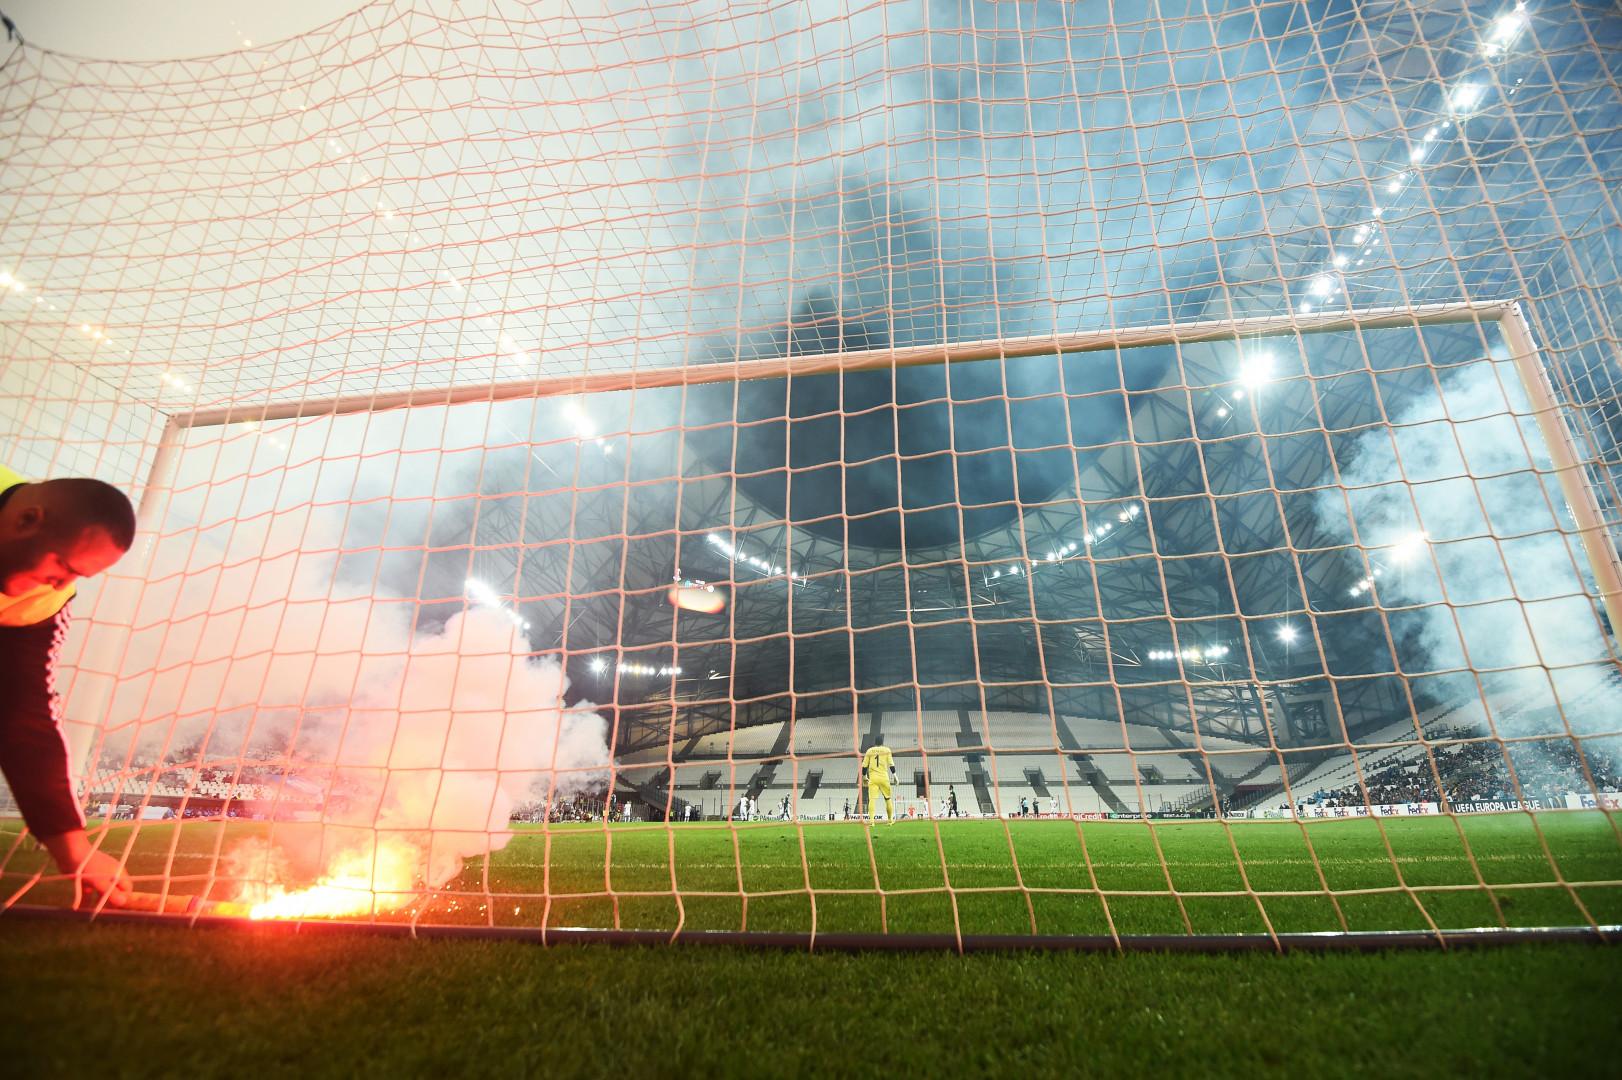 Le jet de fumigènes coûtera une lourde amende de l'UEFA au club